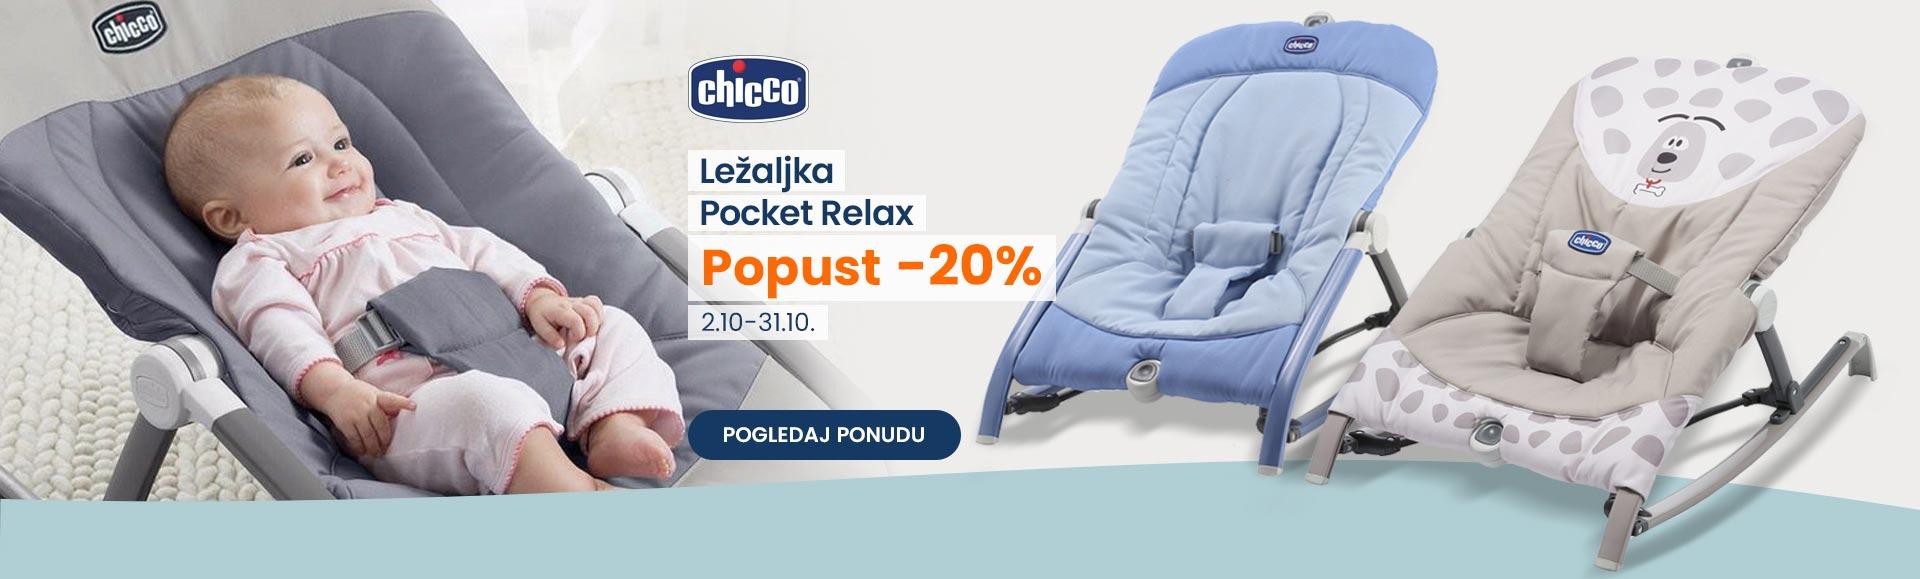 Chicco Pocket Relax akcija oktobar